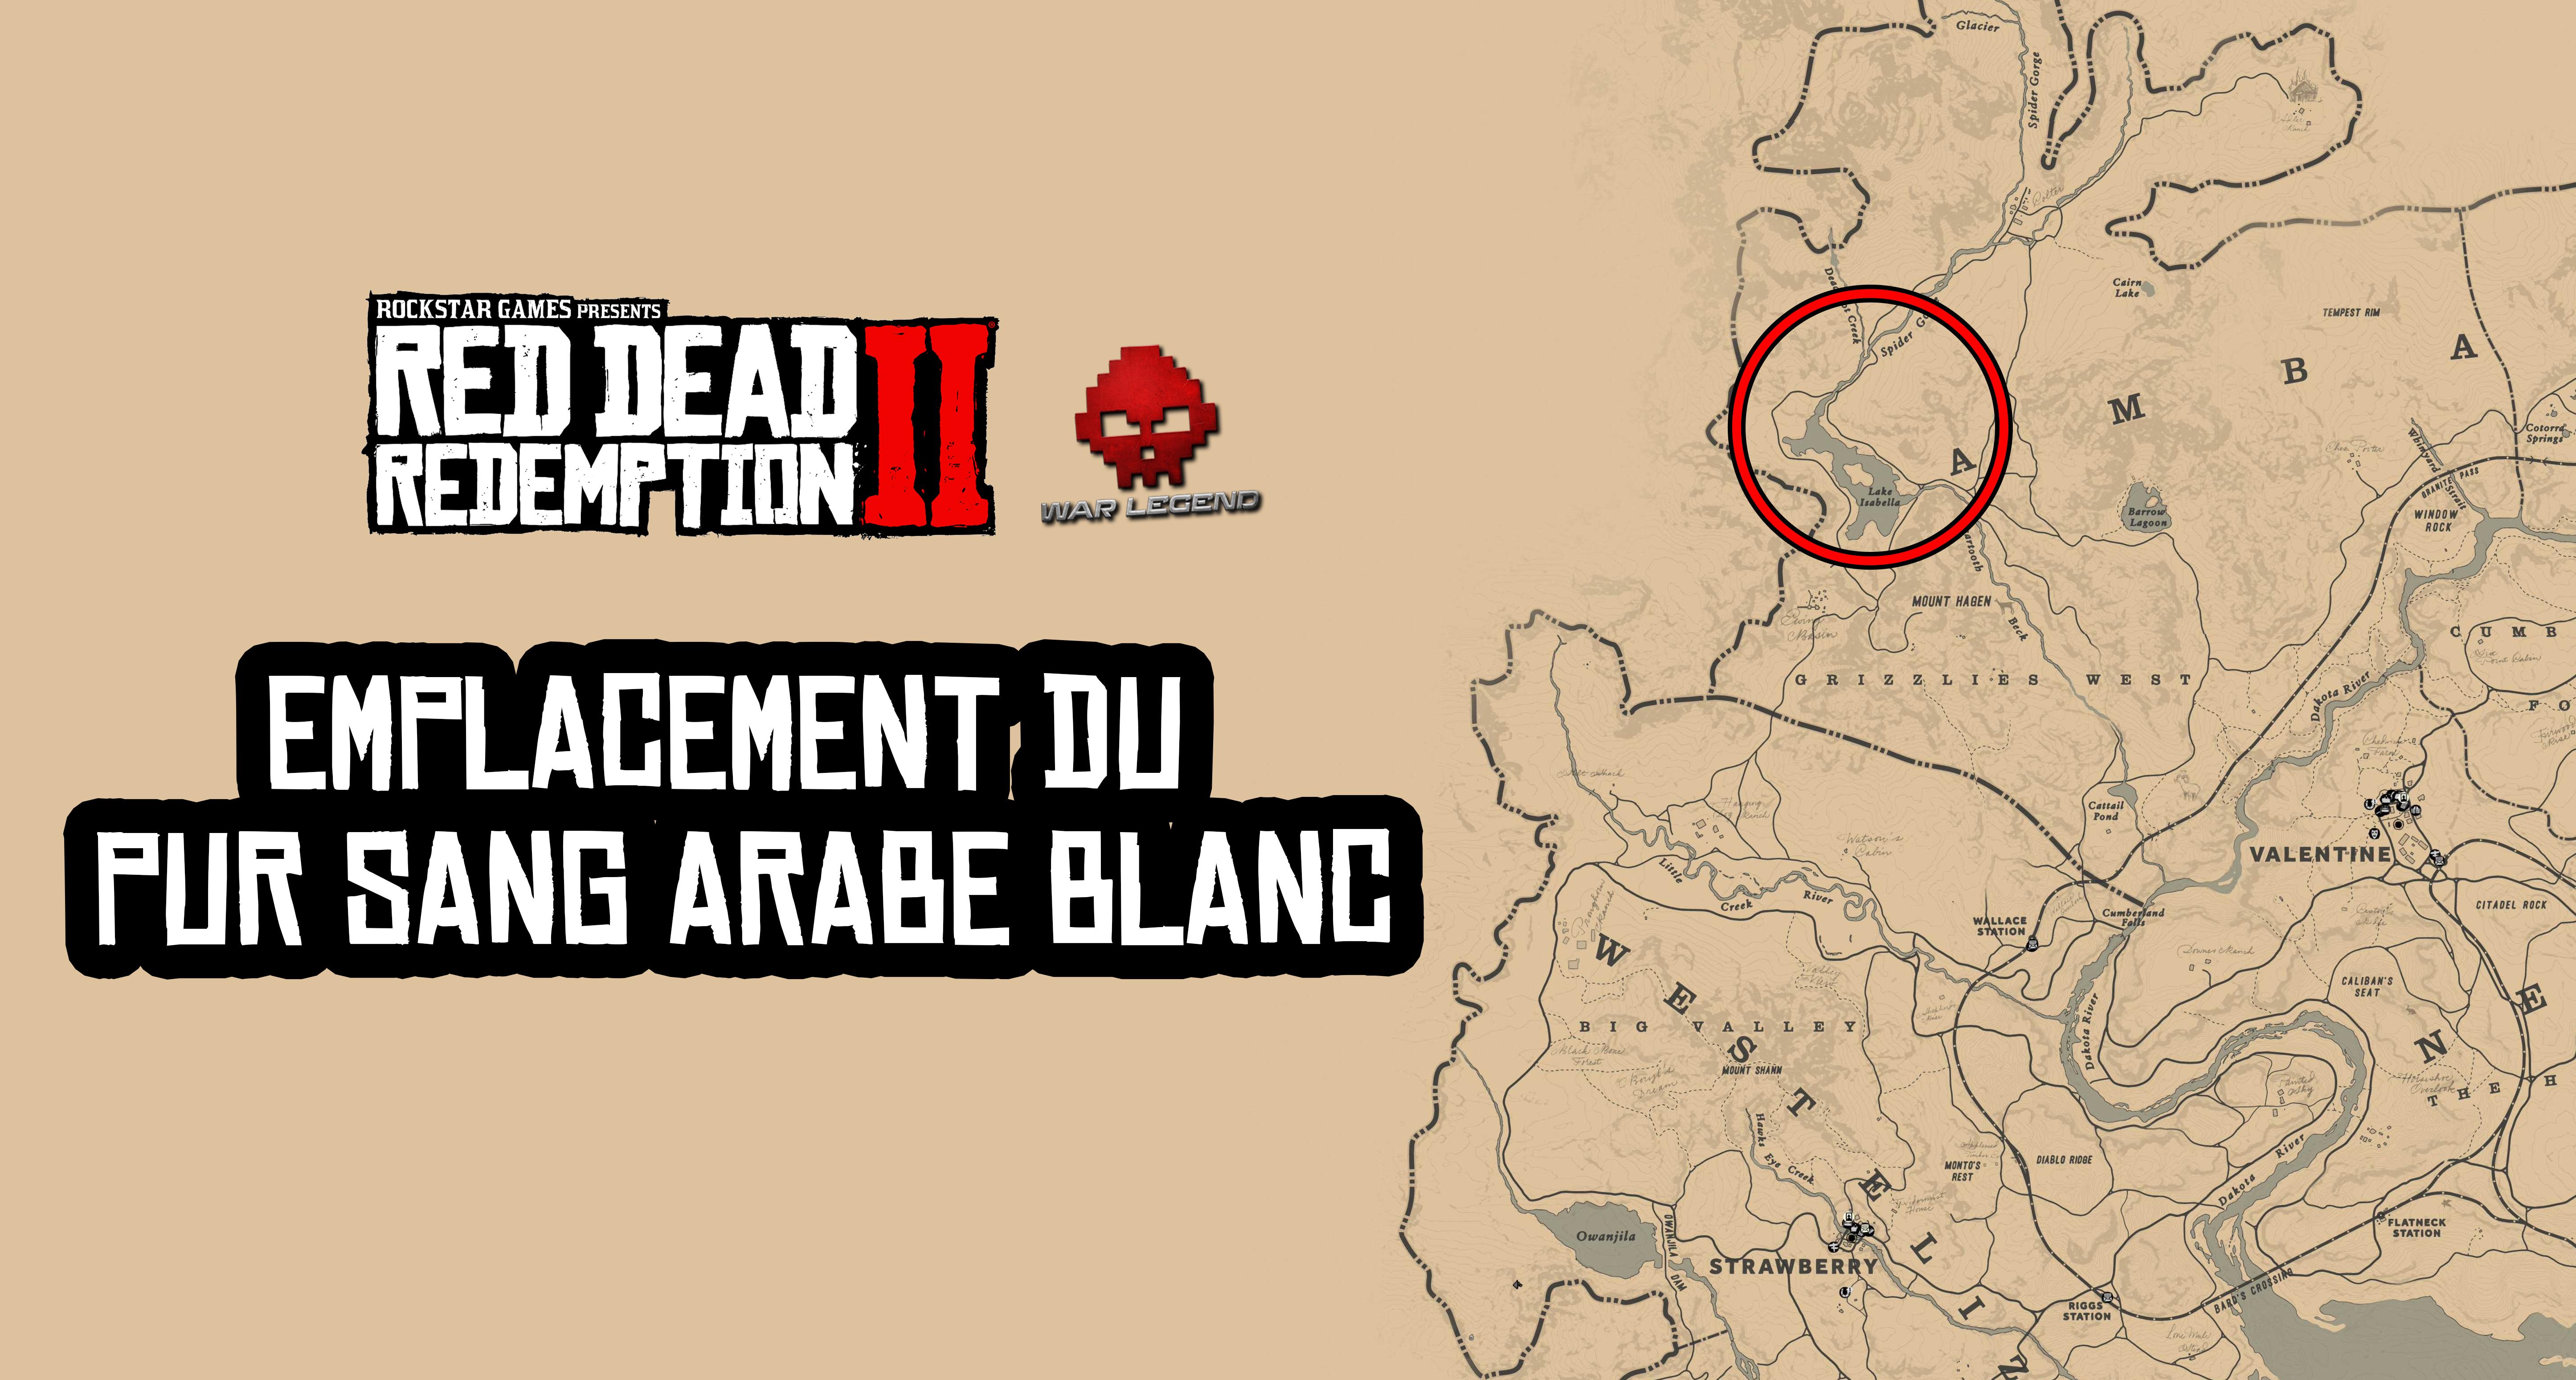 Guide Red Dead Redemption 2 Trouver et dompter le Pur sang arabe blanc Emplacement du Pur sang arabe blanc